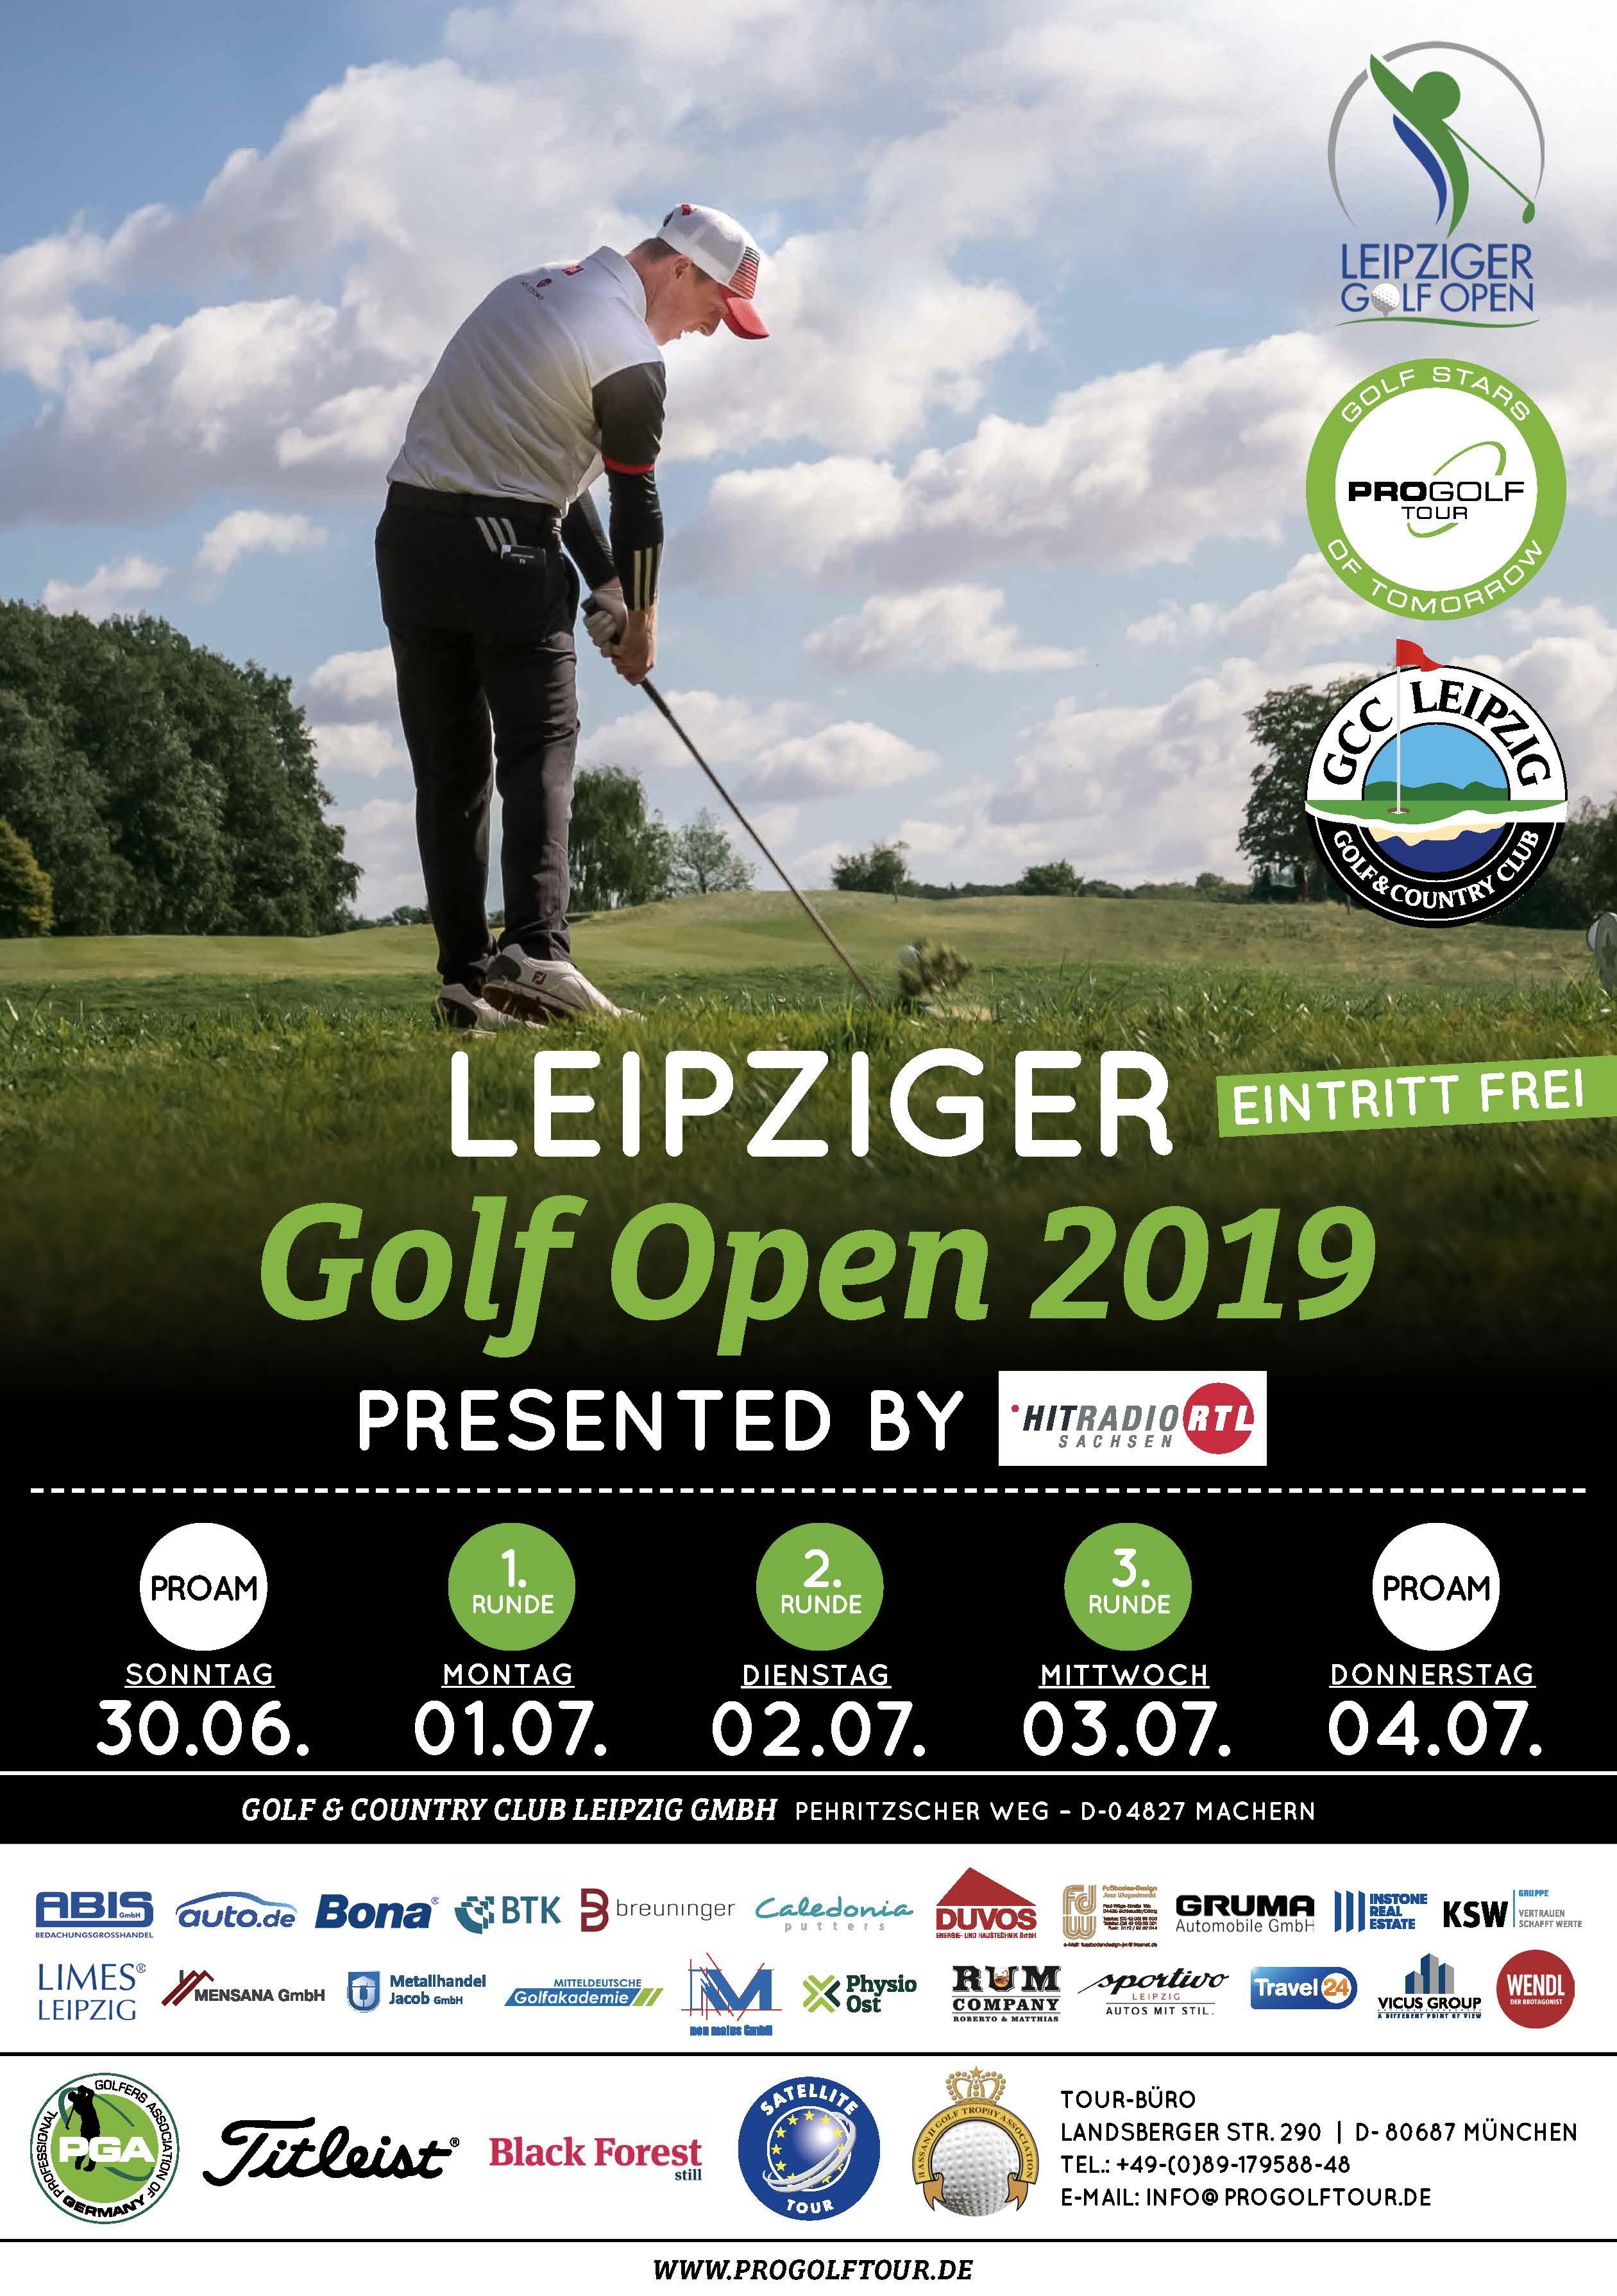 golfreisen für singles 2019